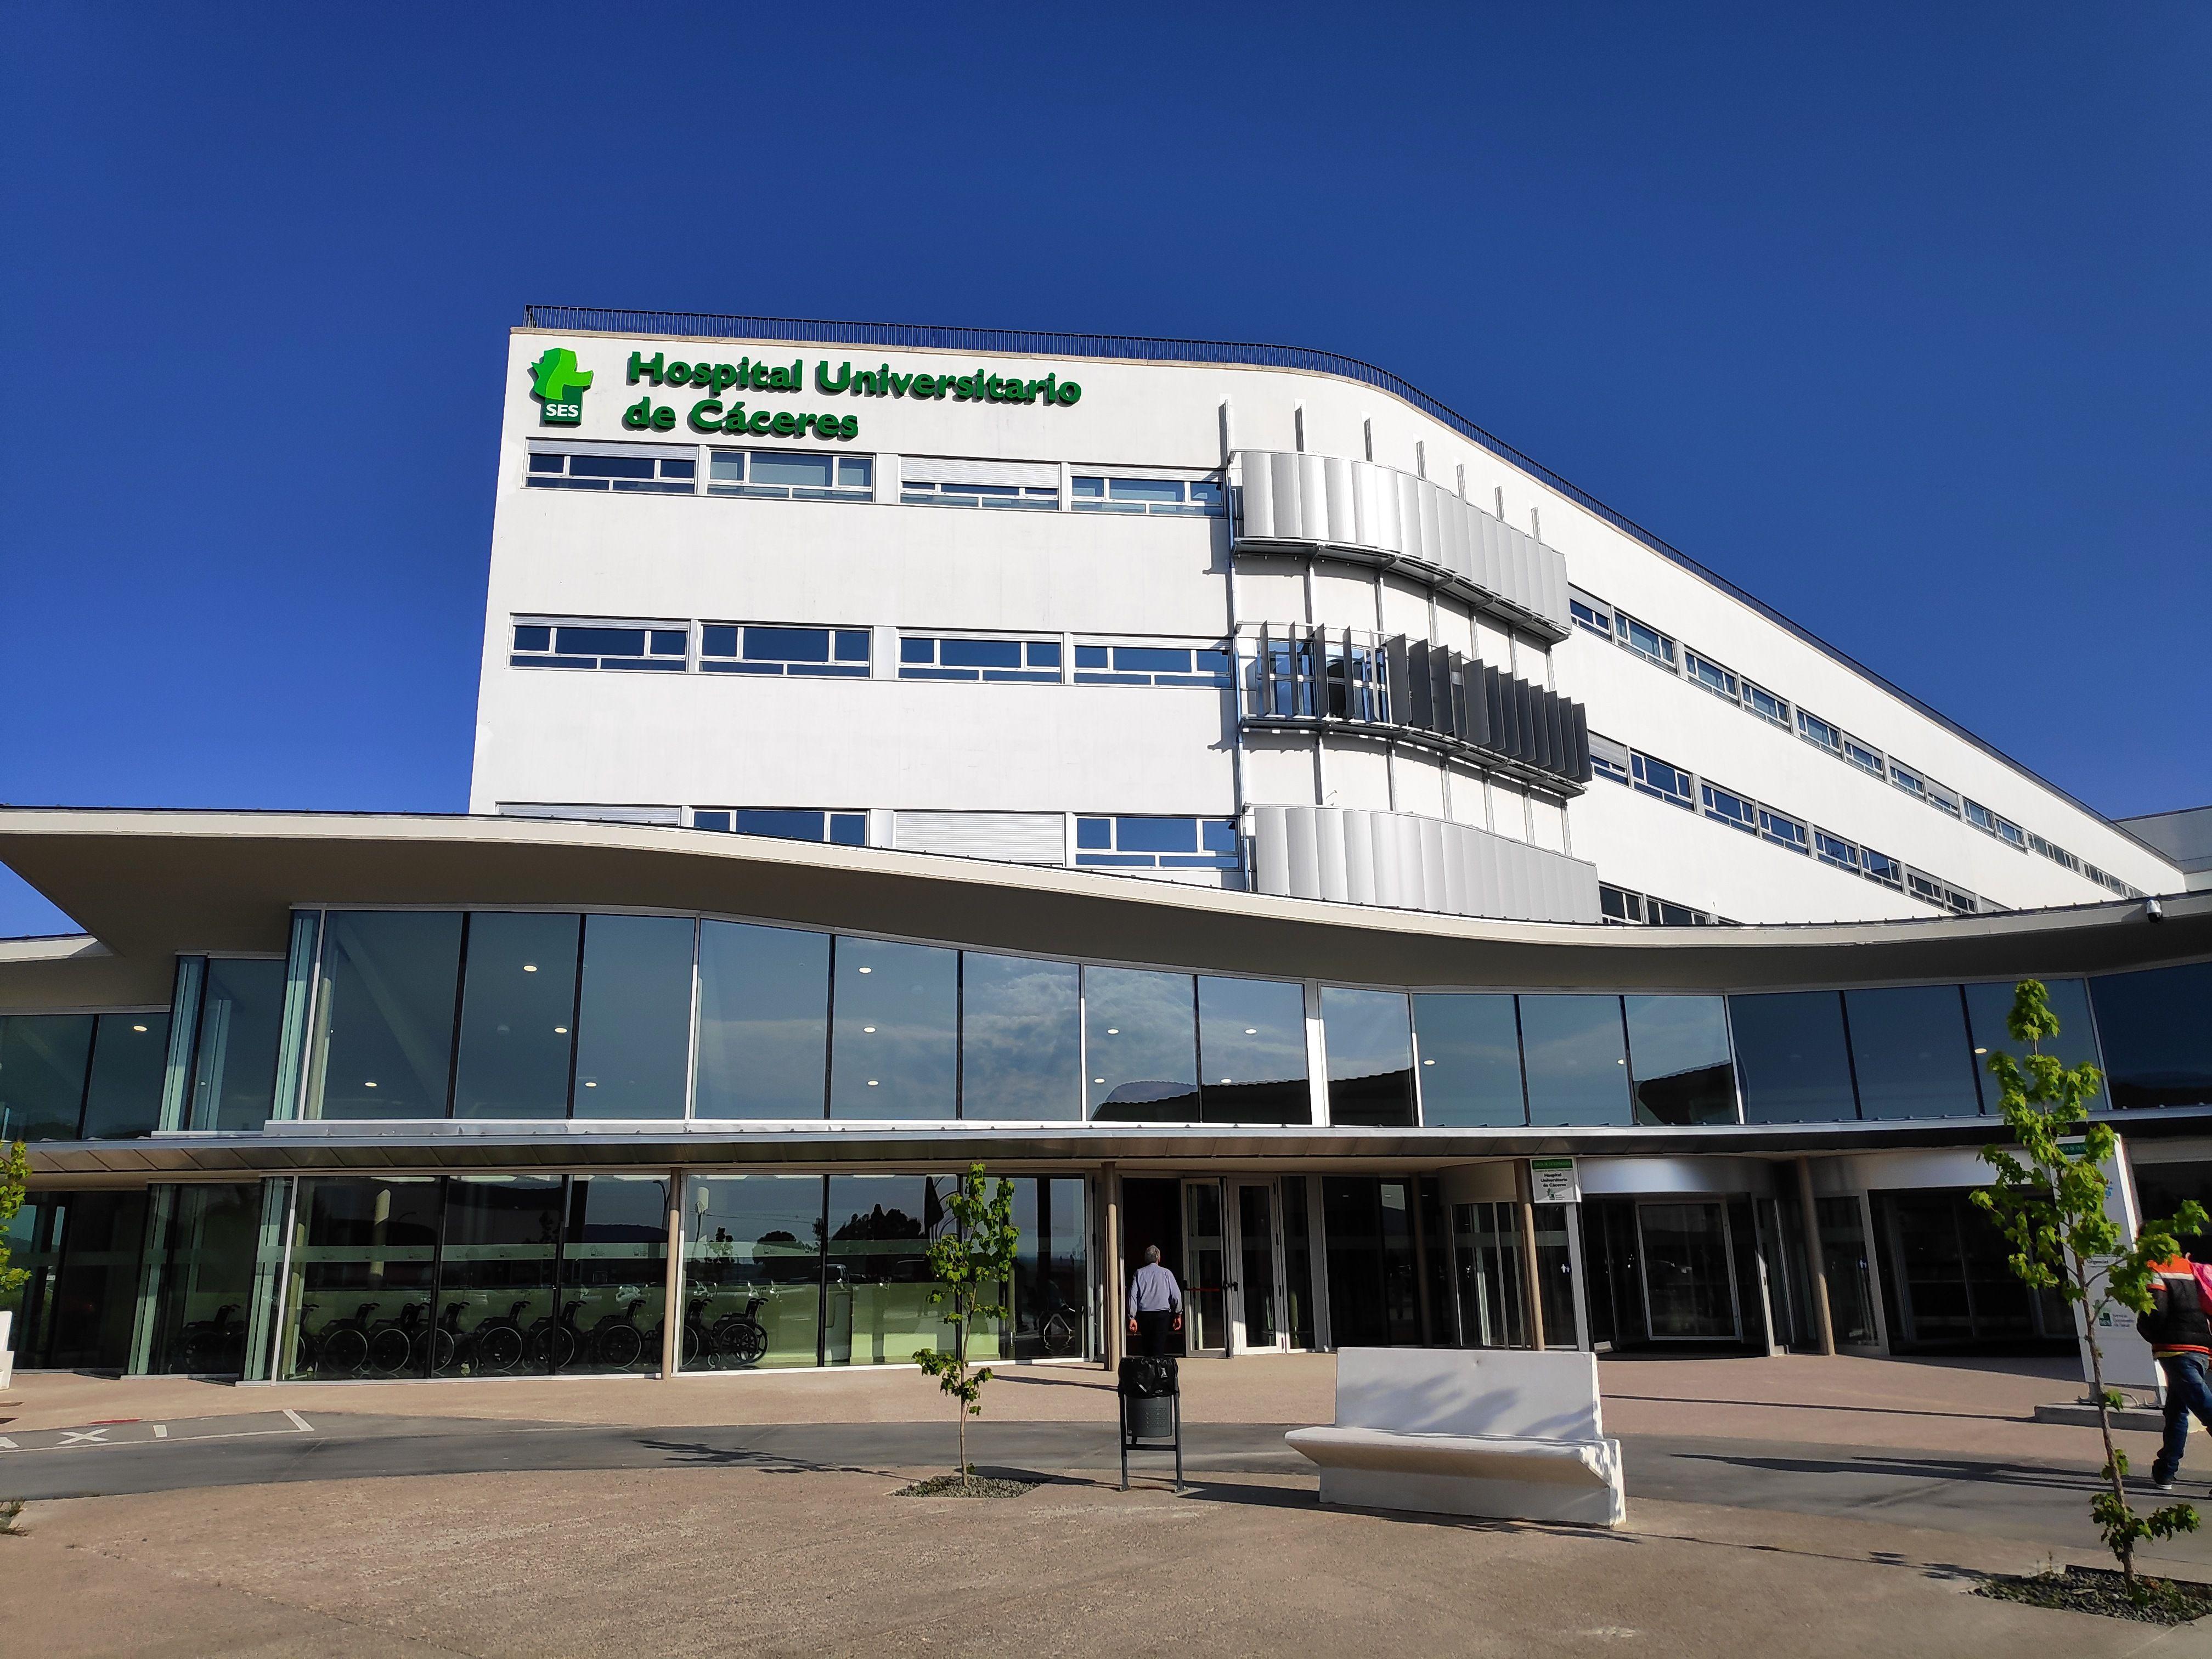 Un médico jubilado cacereño hablará en el parlamento europeo sobre el Hospital Universitario de Cáceres